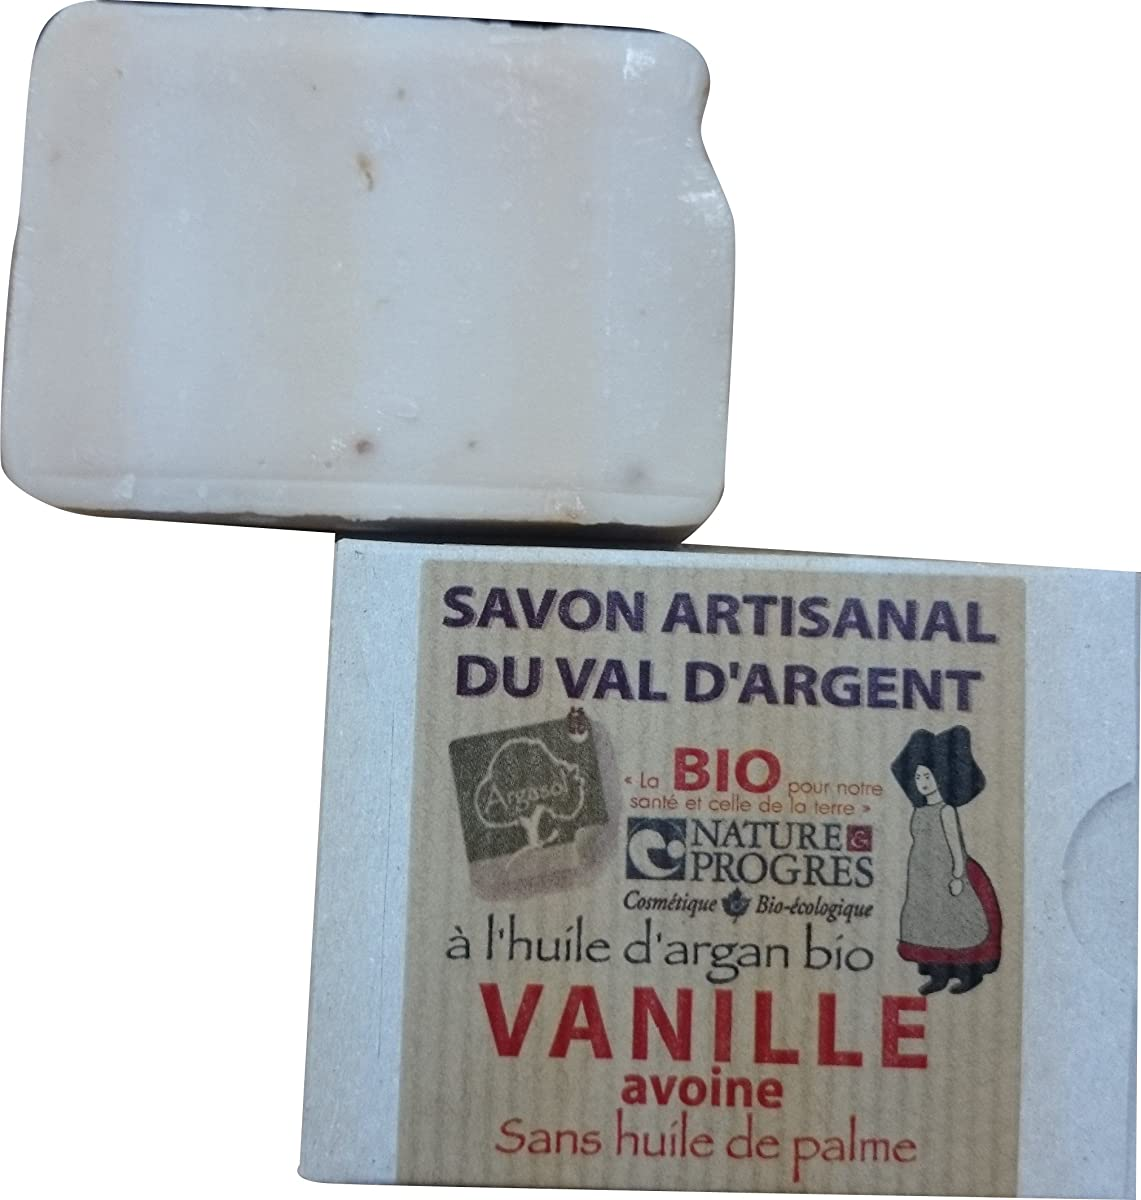 袋花輪覆すサボン アルガソル(SAVON ARGASOL) バニラ